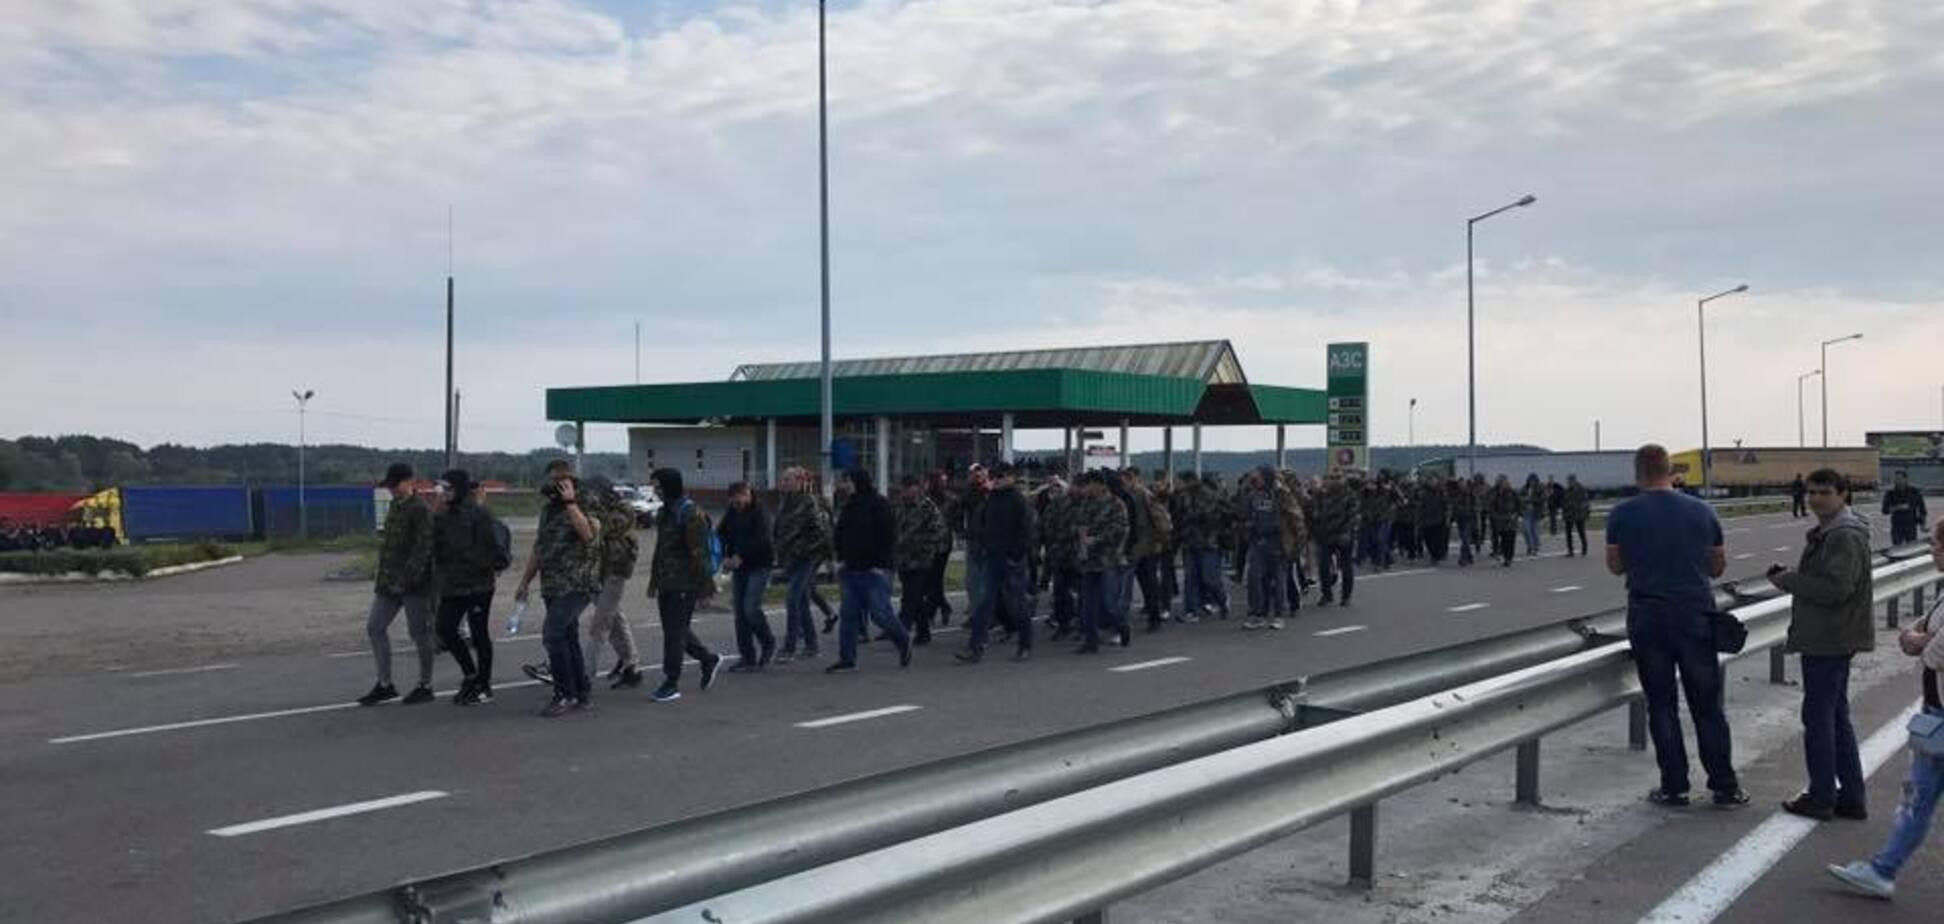 'Гастроль' Саакашвілі: у Авакова повідомили про перші затримання